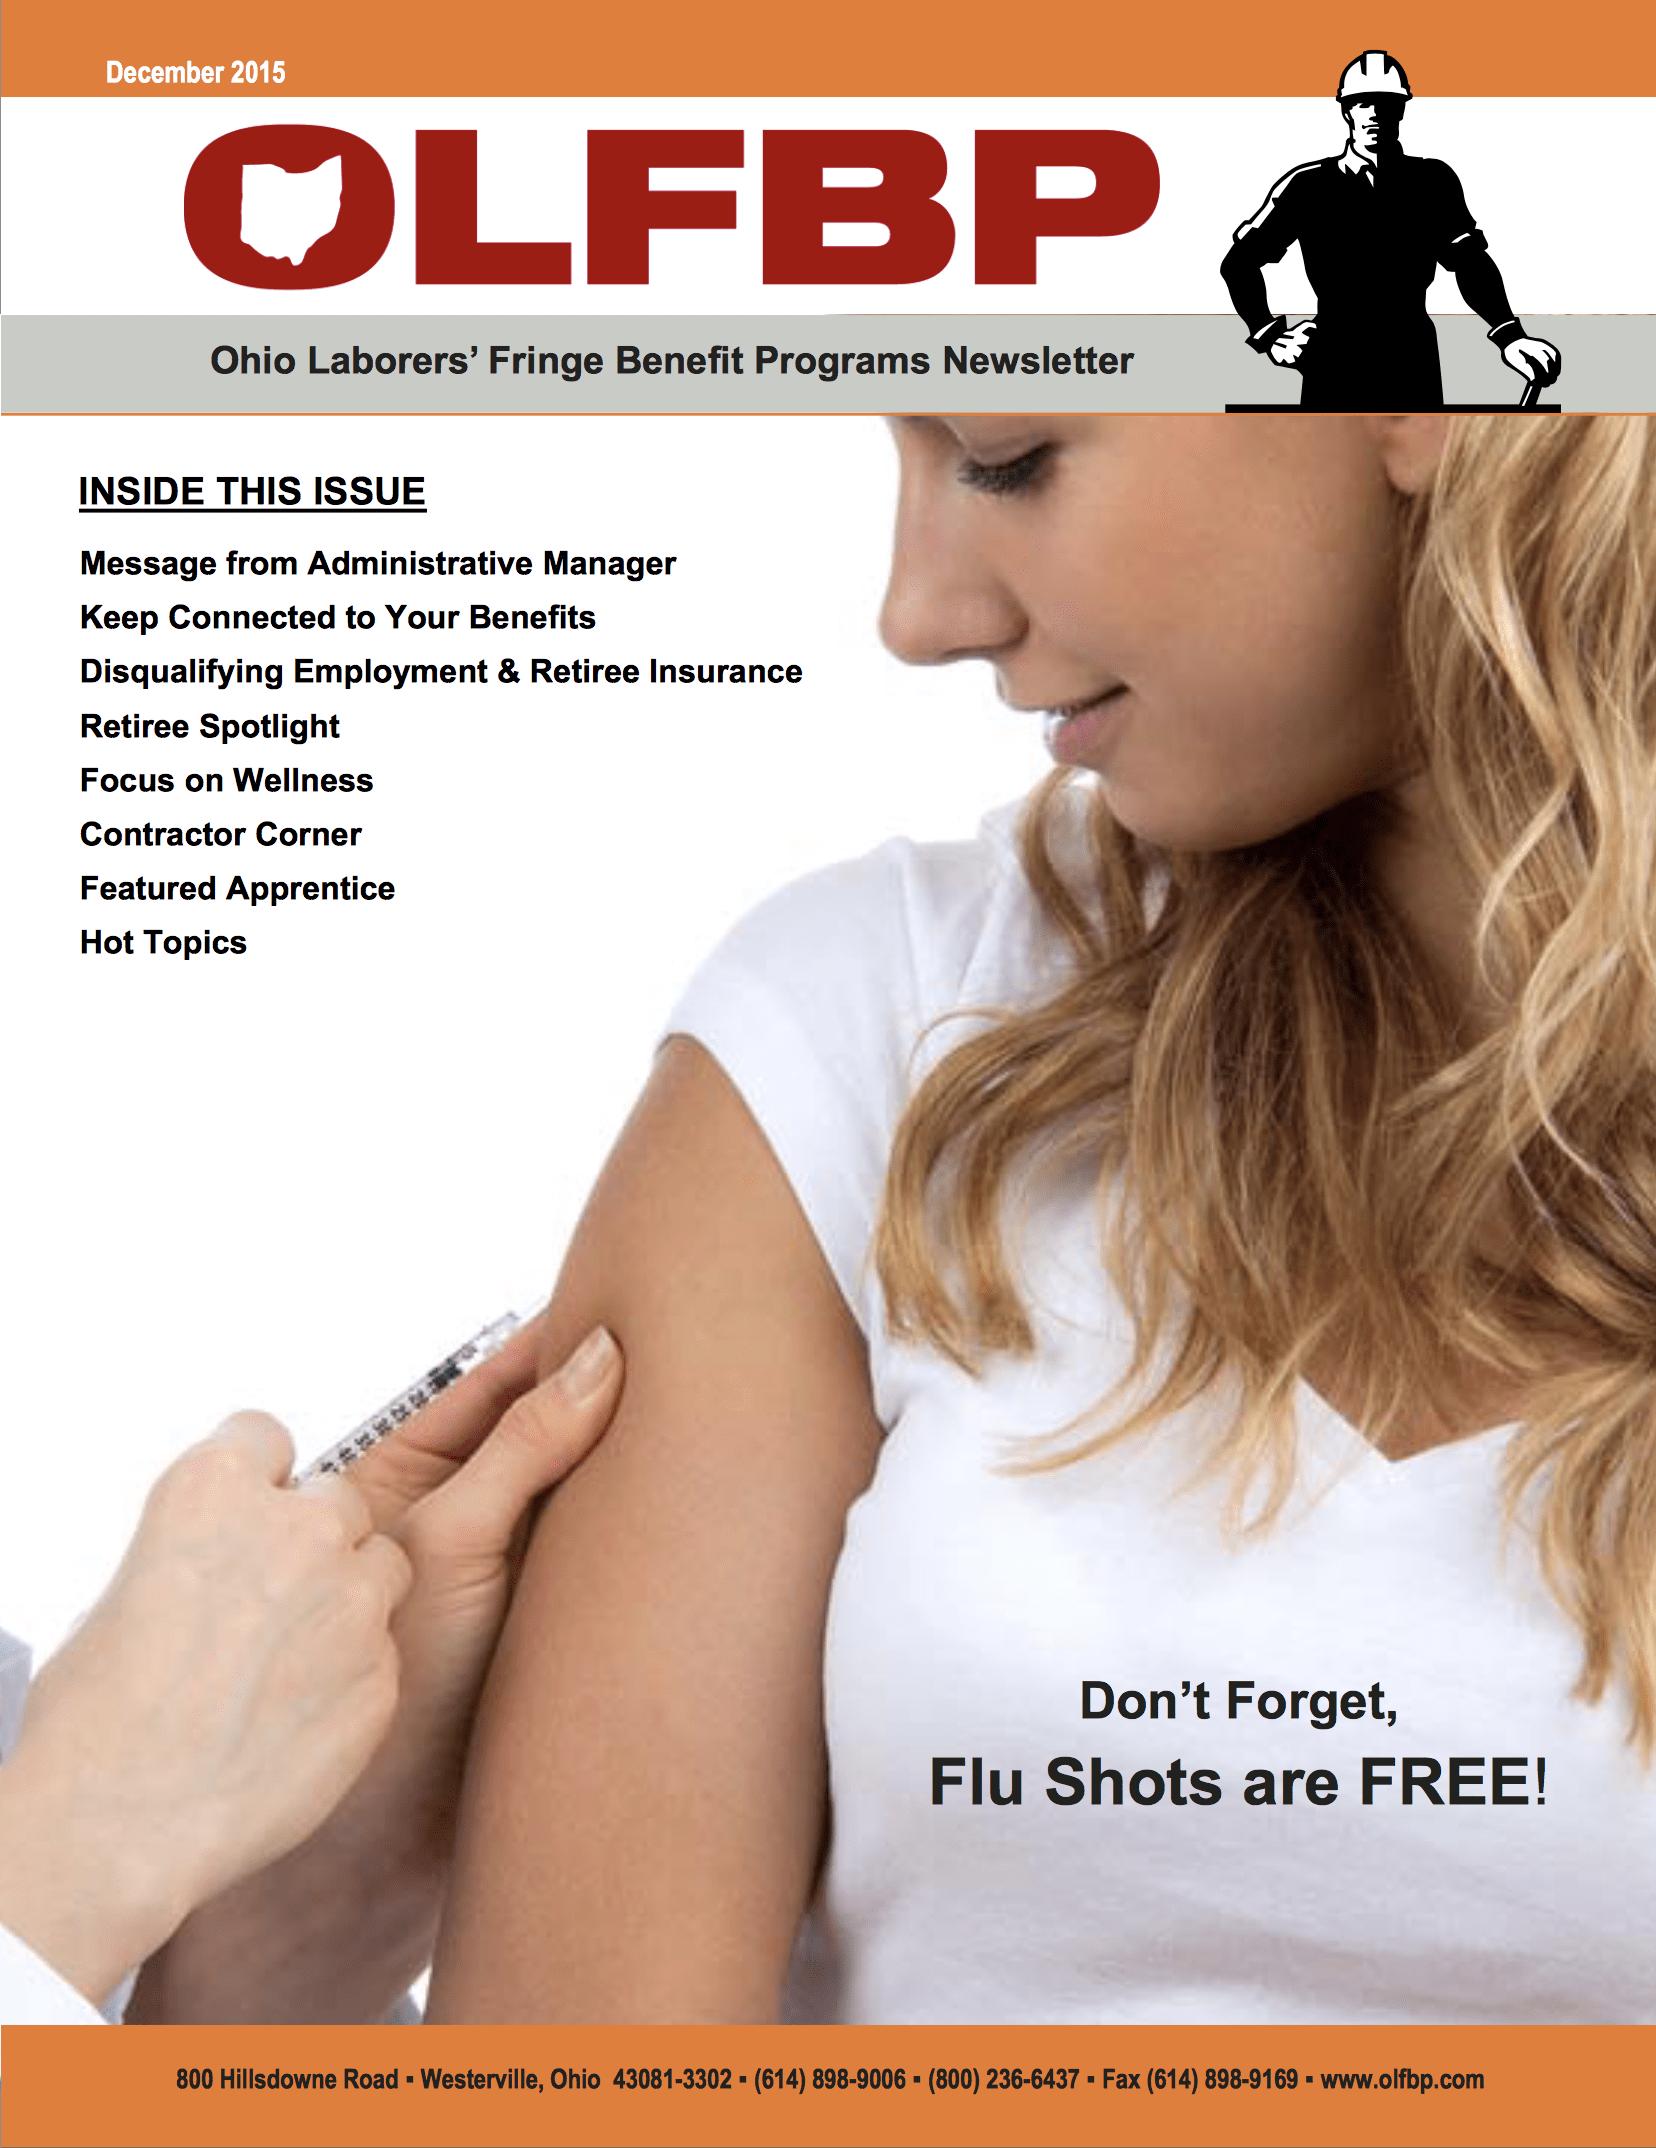 December 2015 Newsletter cover